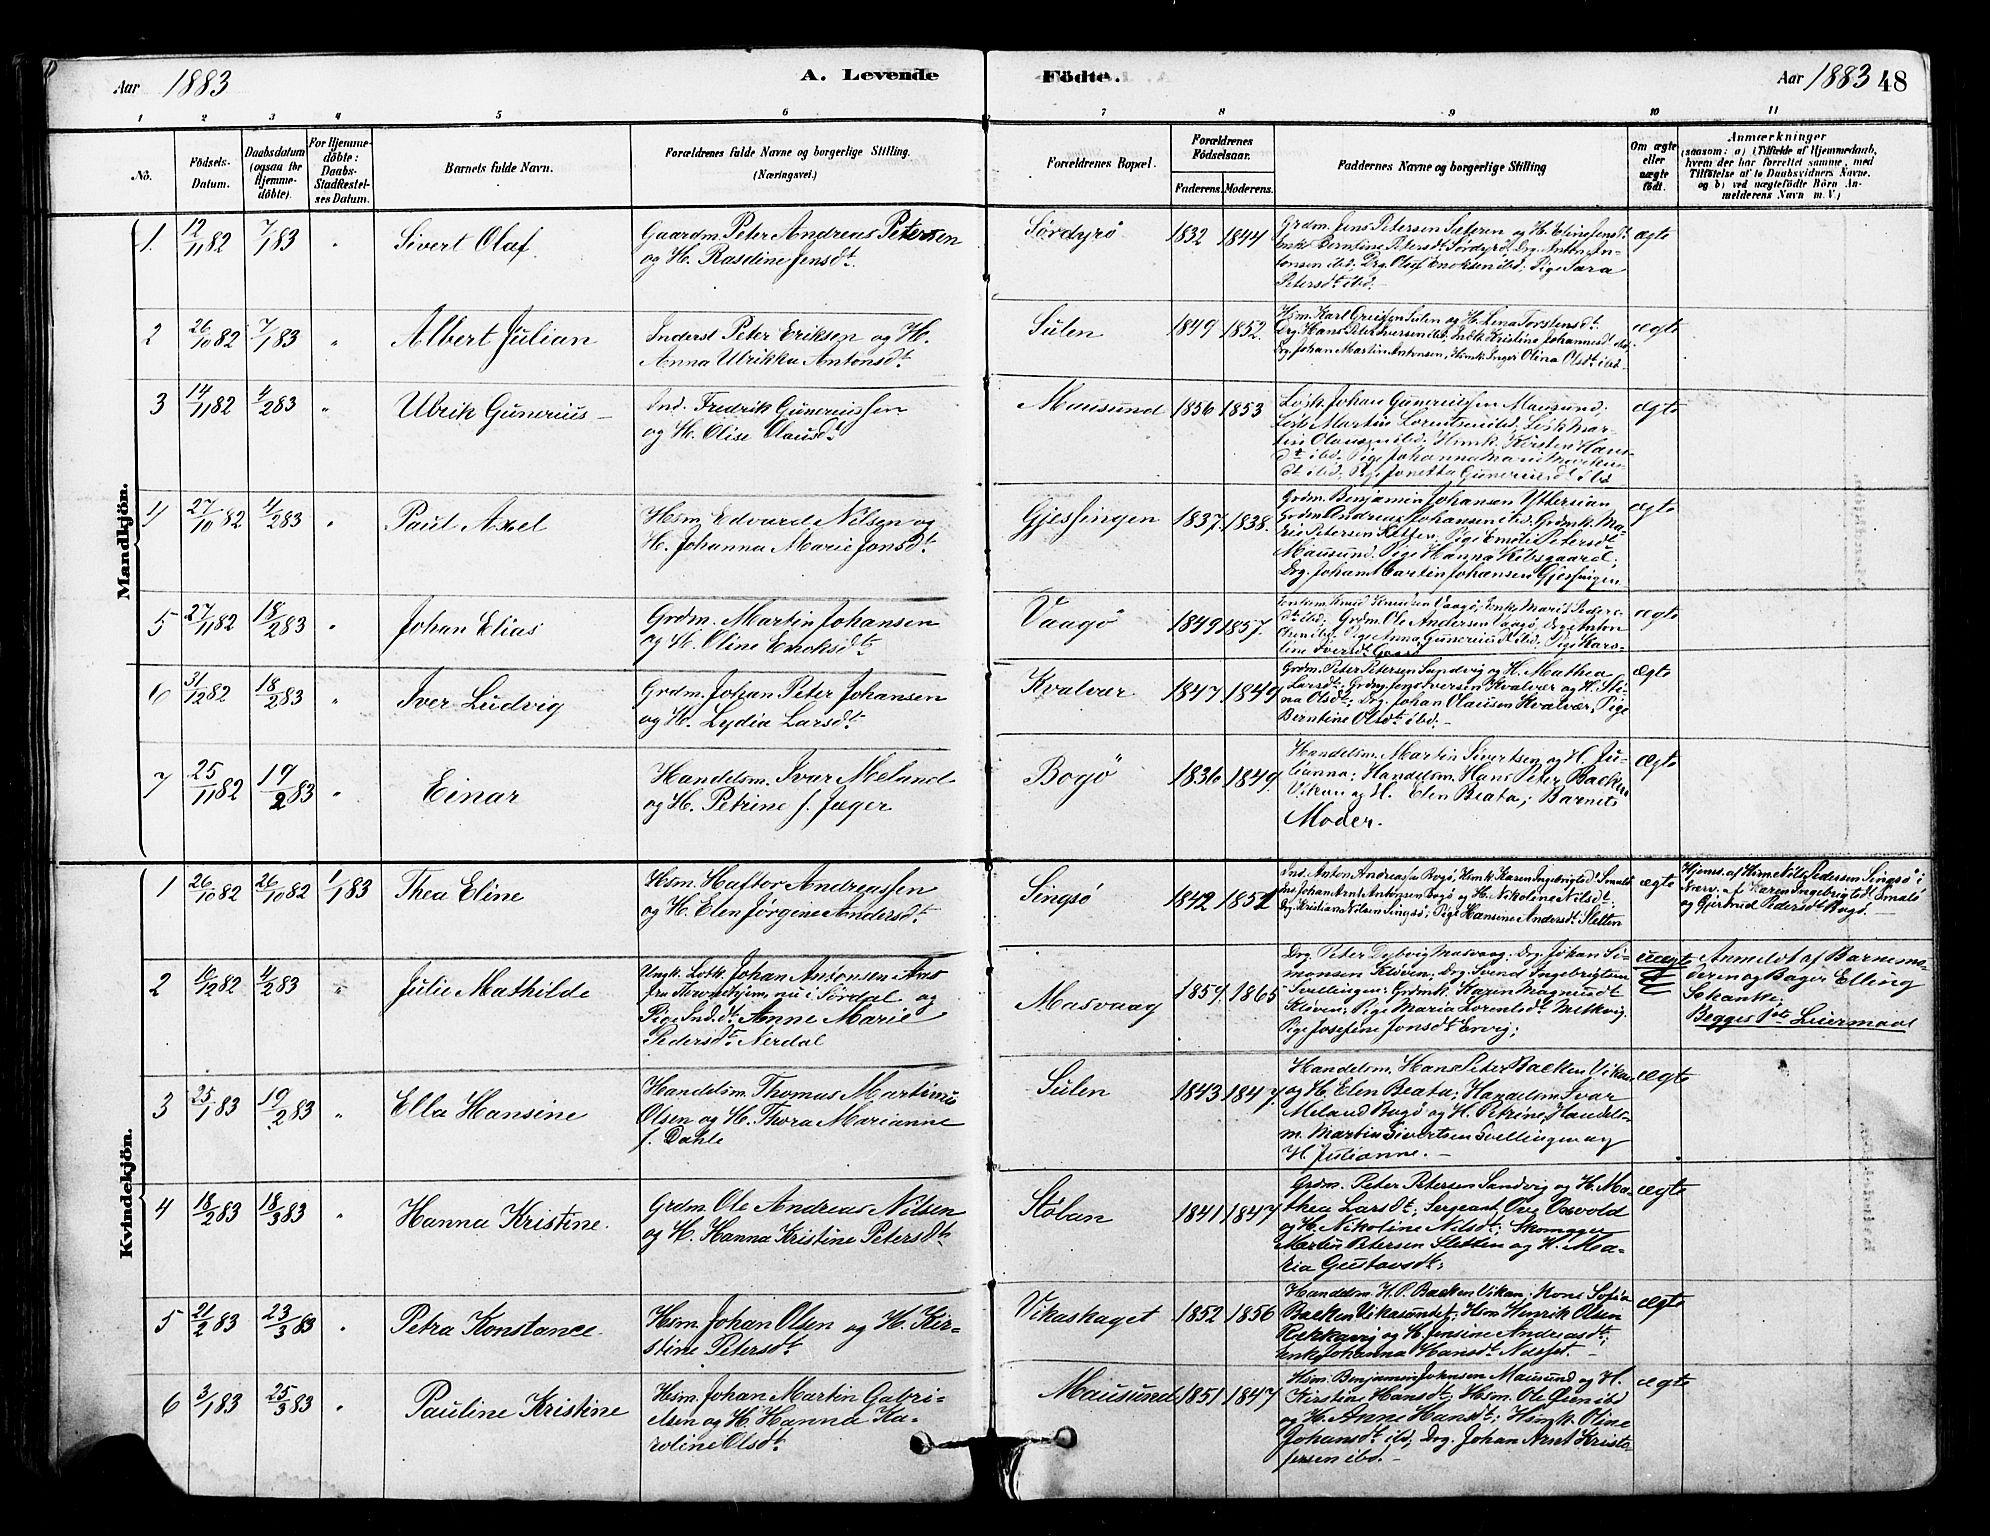 SAT, Ministerialprotokoller, klokkerbøker og fødselsregistre - Sør-Trøndelag, 640/L0578: Ministerialbok nr. 640A03, 1879-1889, s. 48